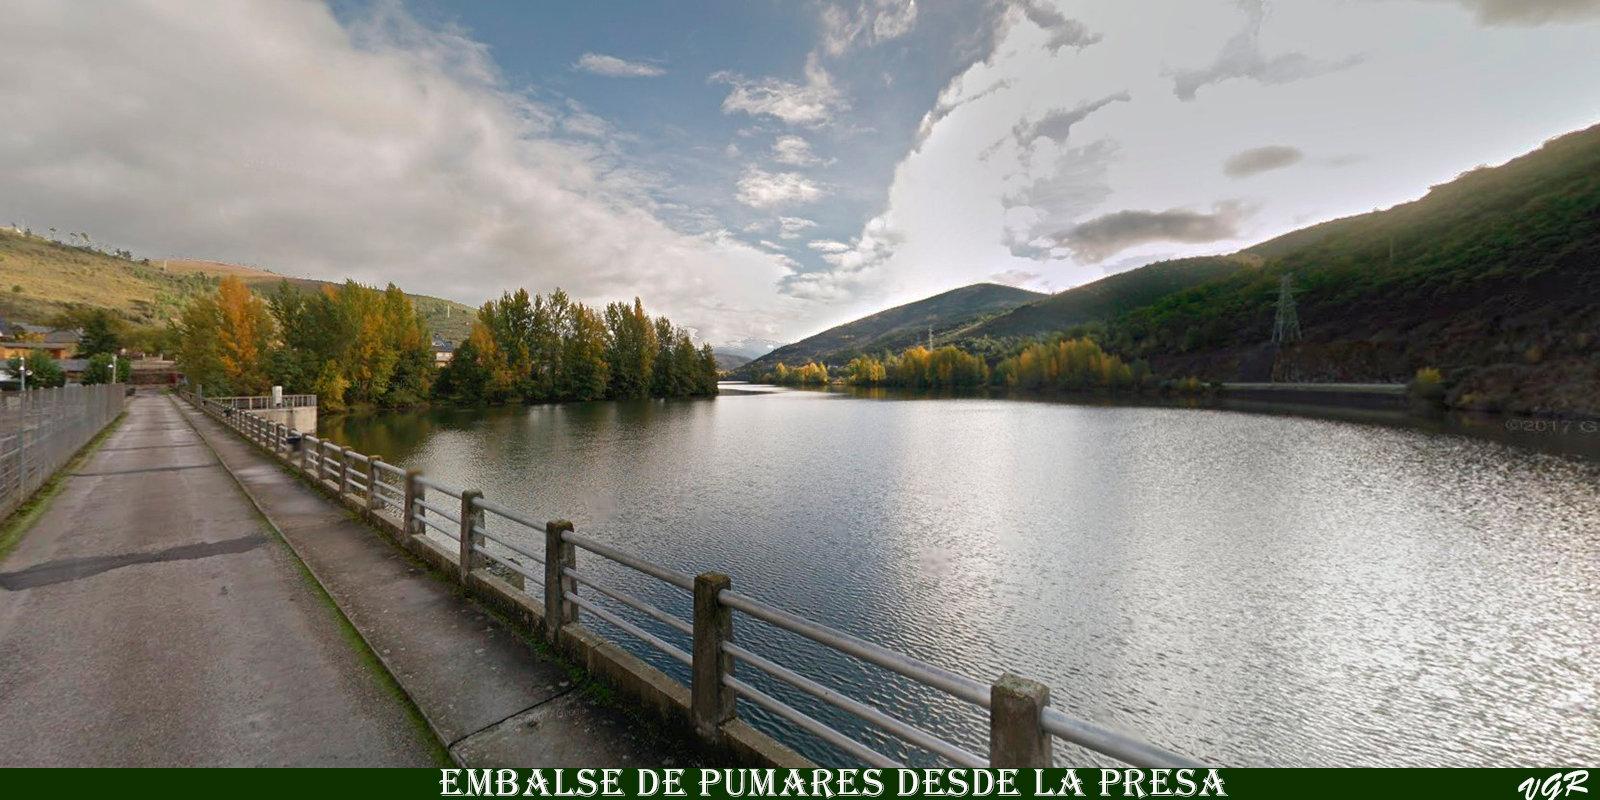 10-Presa de Pumares.jpg